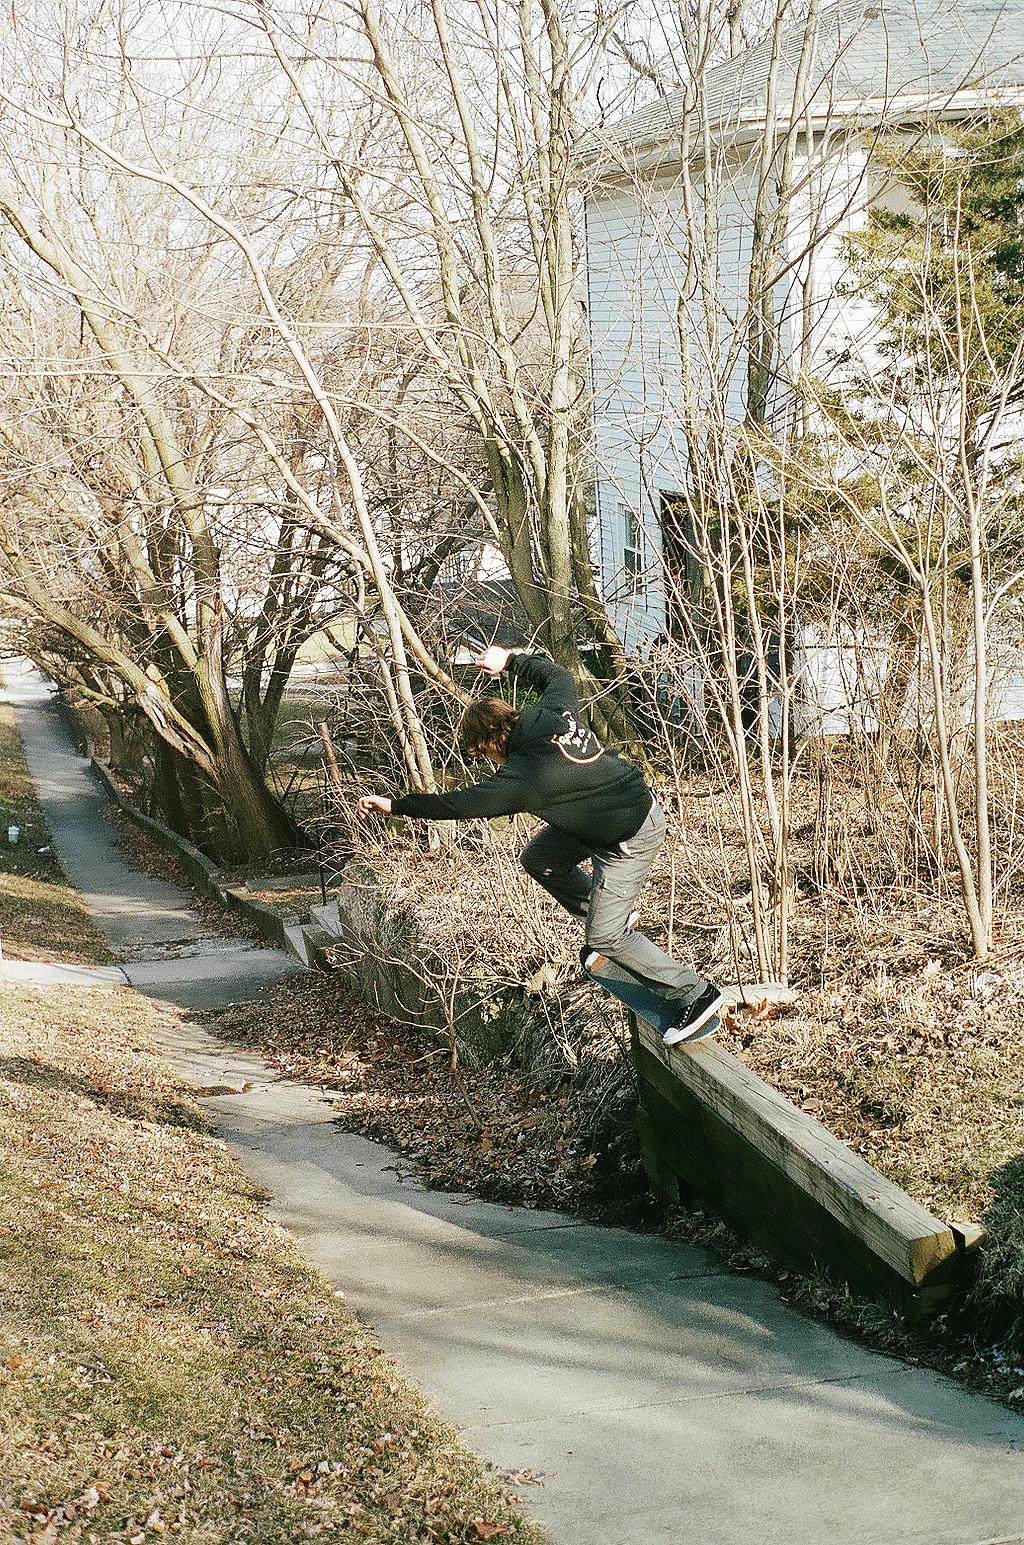 RileyVaughn_Bs5050_Joliet,IL.jpg